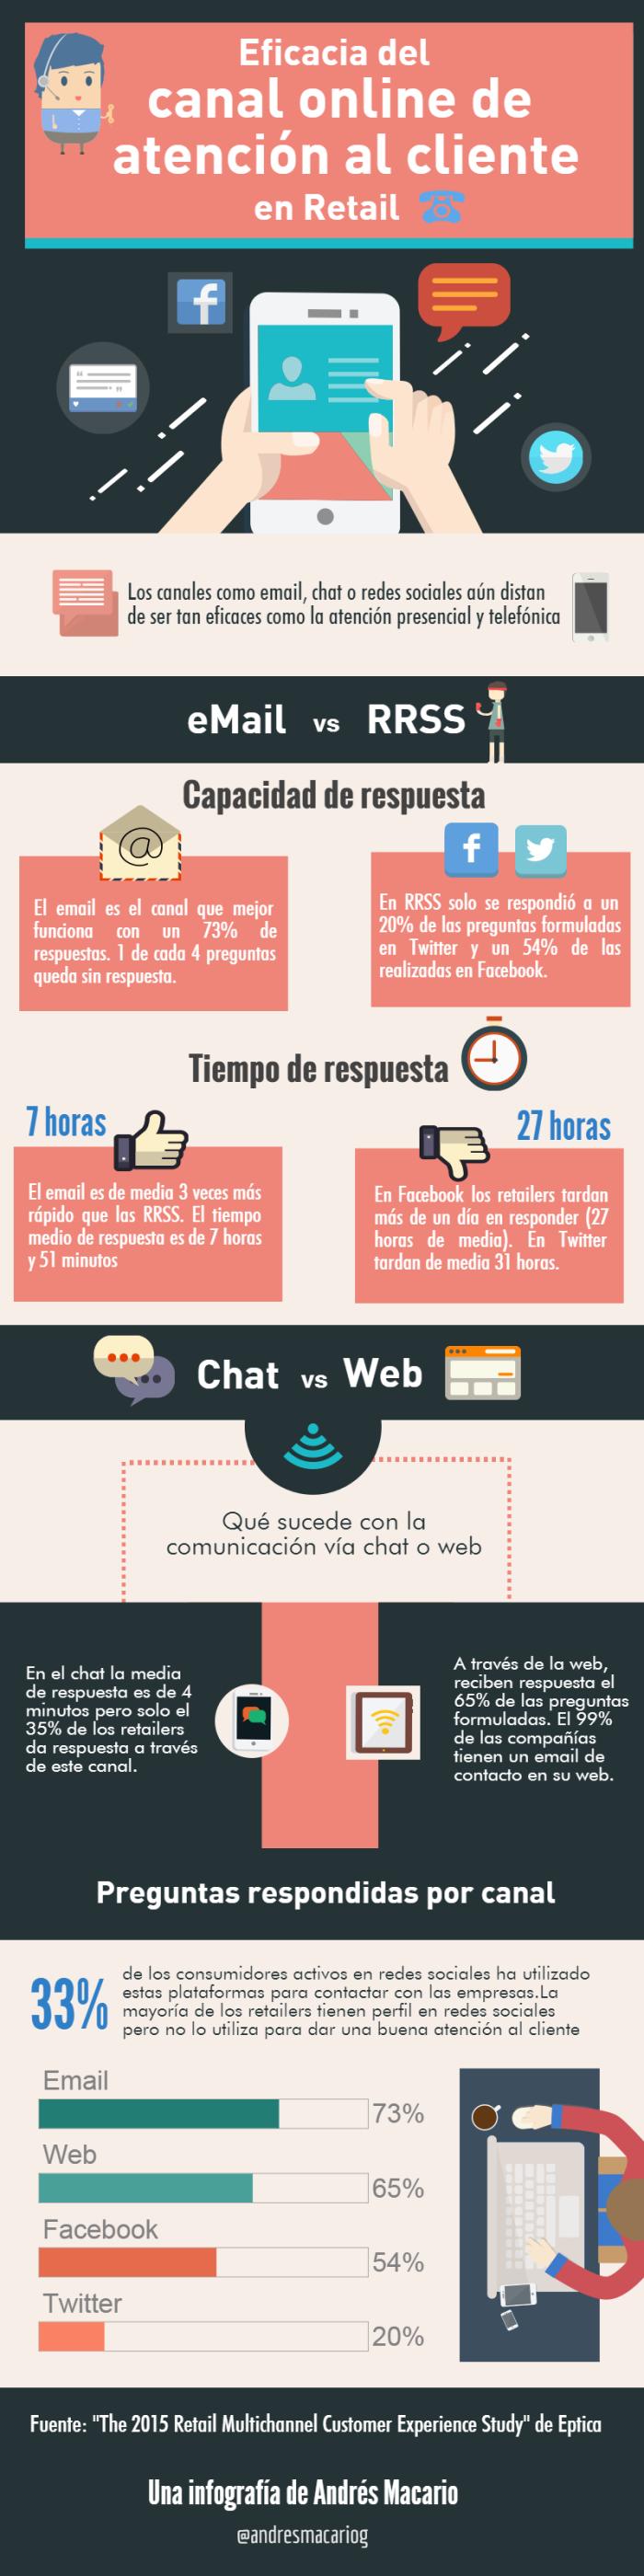 Eficacia del canal online de atencion al cliente retail-infografia Andres Macario